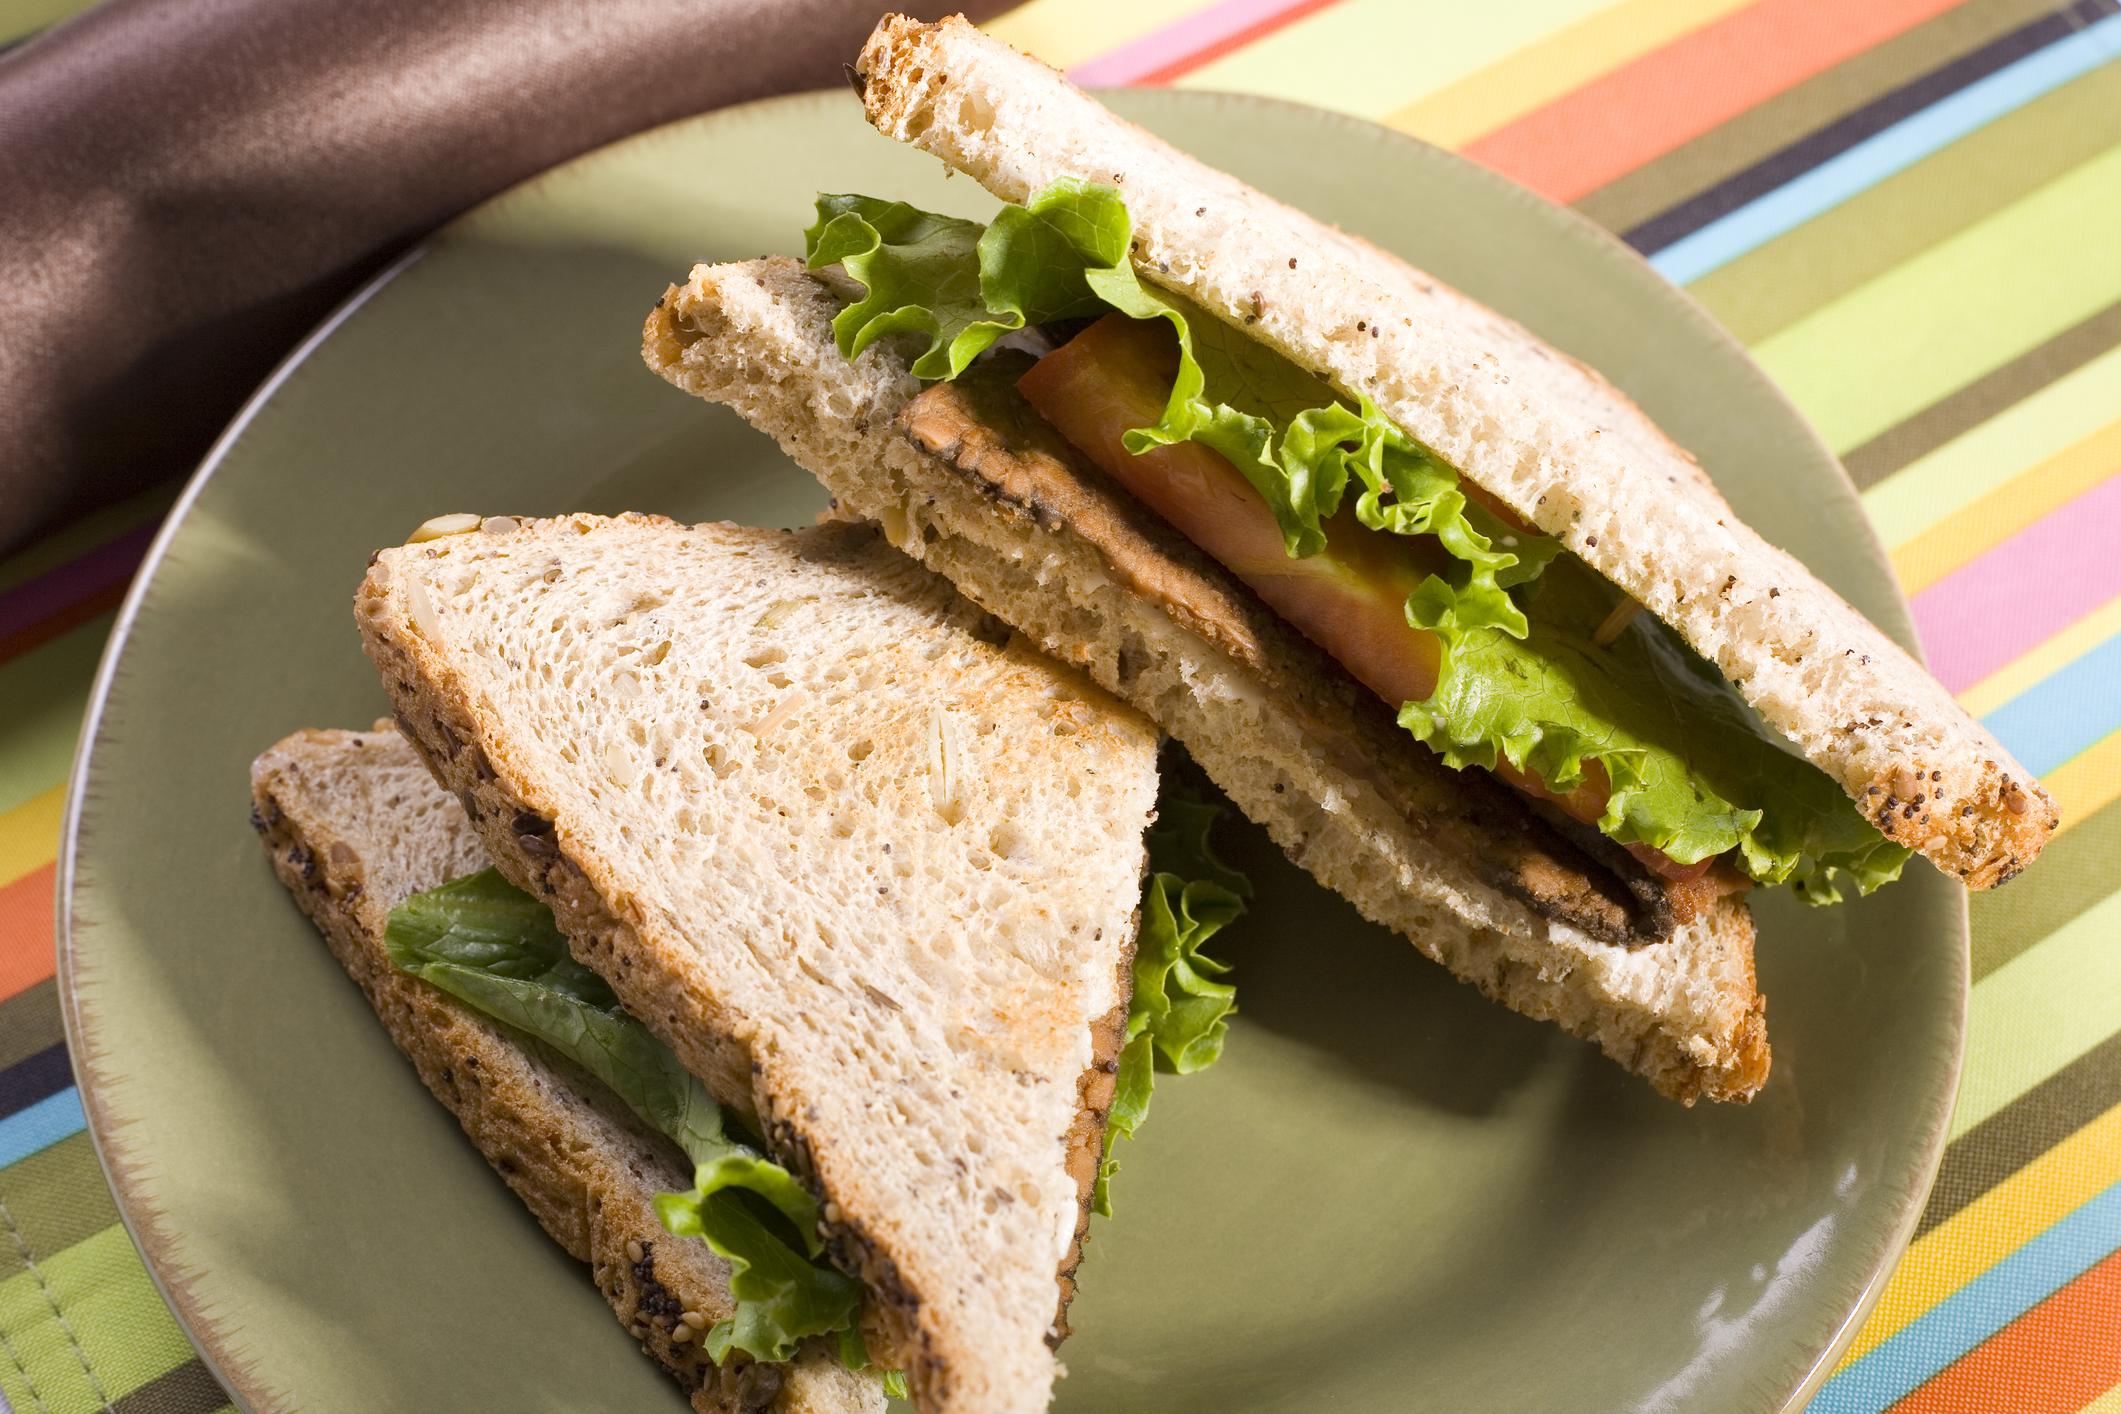 © Stockstudios | Dreamstime.com - Tempeh Lettuce And Tomato Sandwich Photo